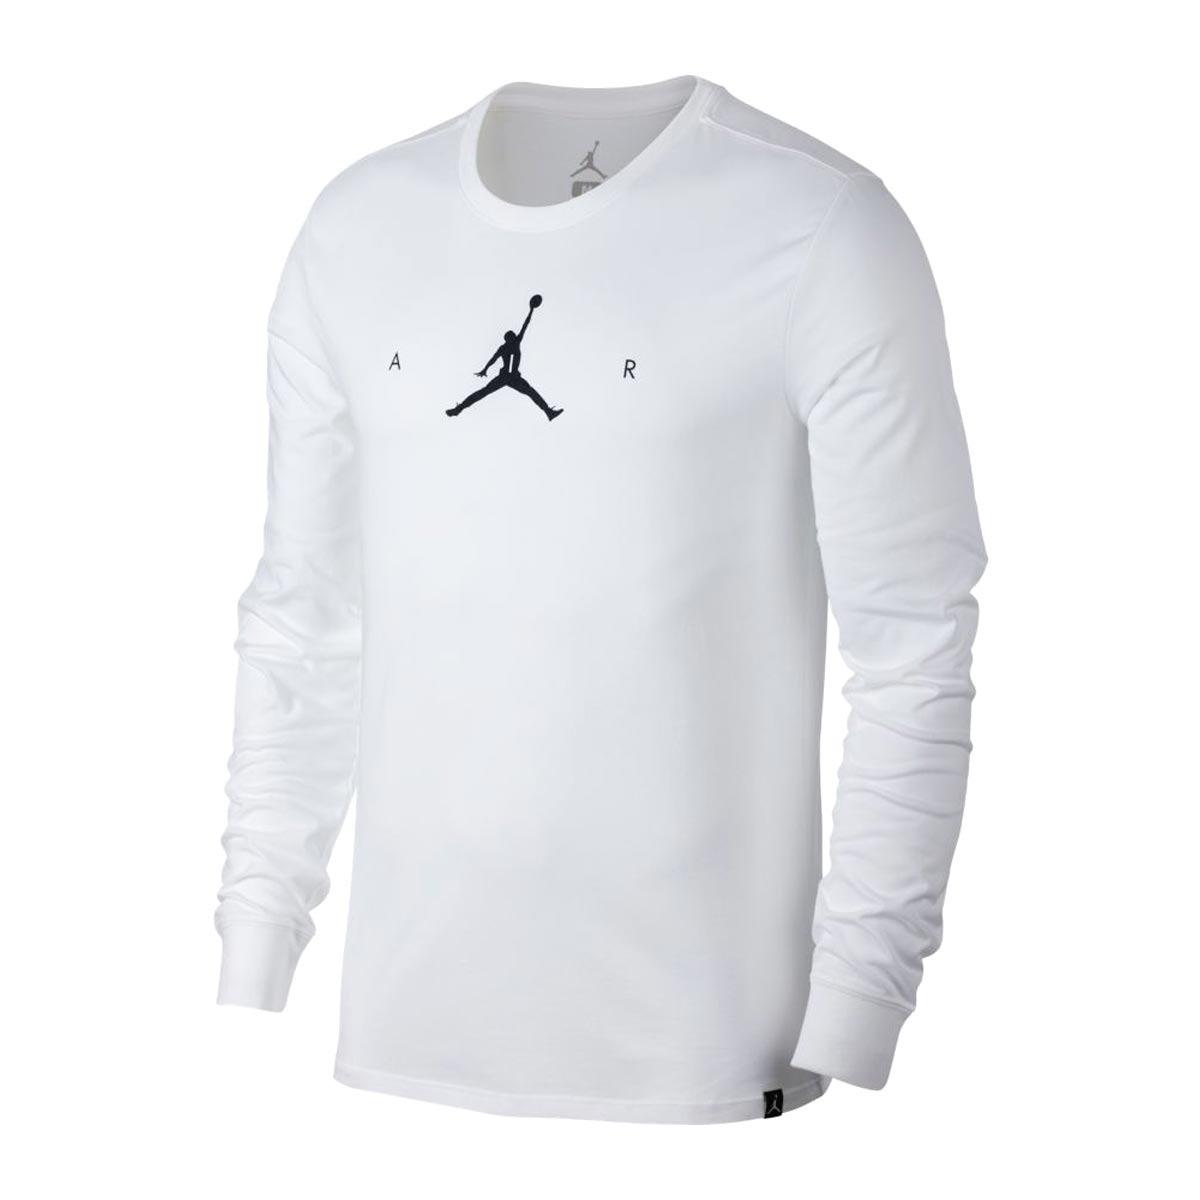 ba0810d548 camiseta nike air jordan jump man manga comprida top nike . Carregando zoom.